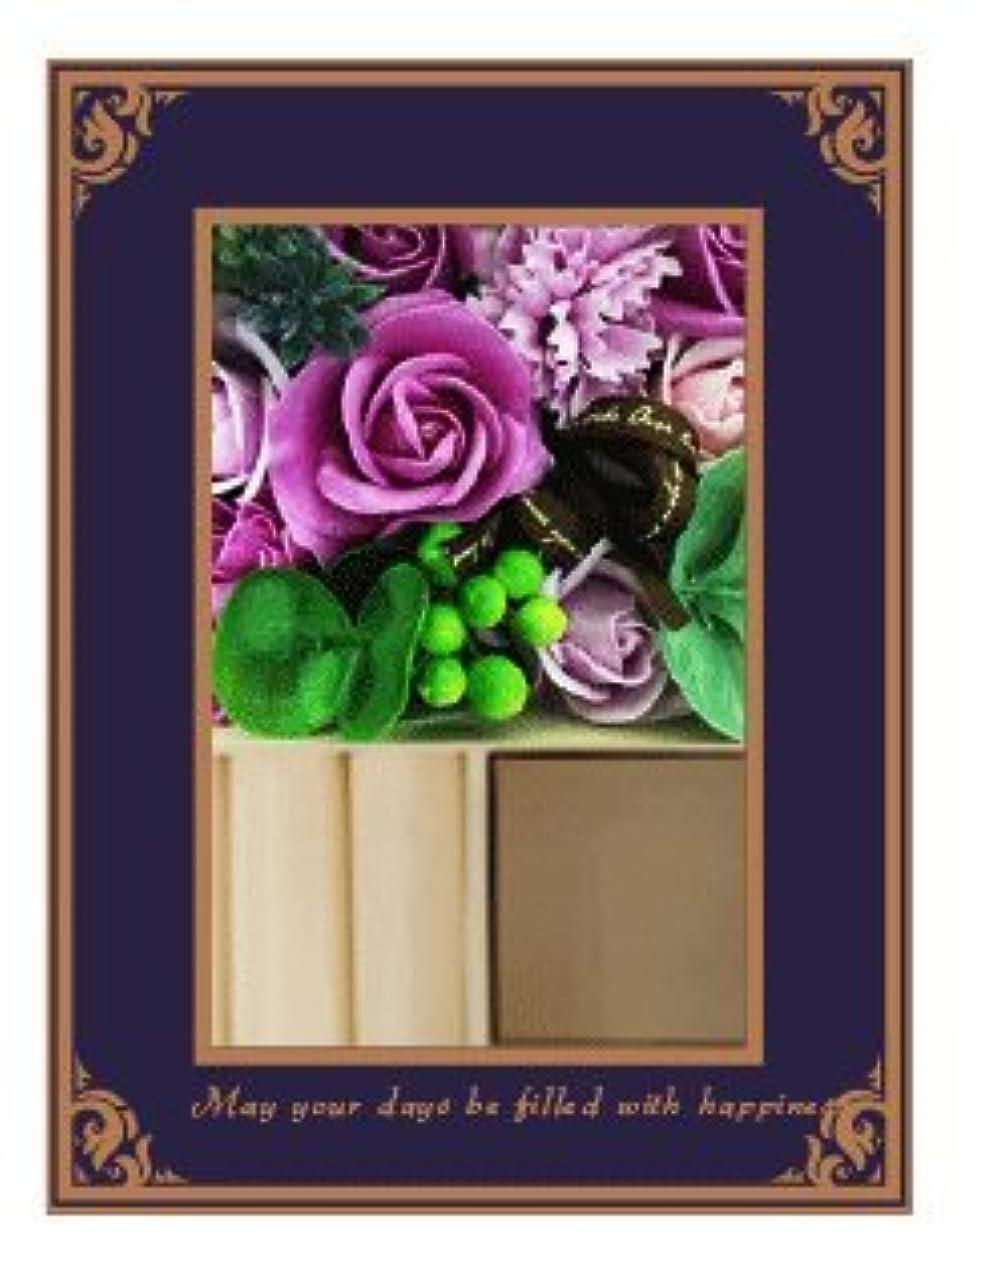 ビザみぞれズームインするお花のカタチの入浴剤 アクセサリーボックスラベンダー 誕生日 記念日 母の日 お祝いに